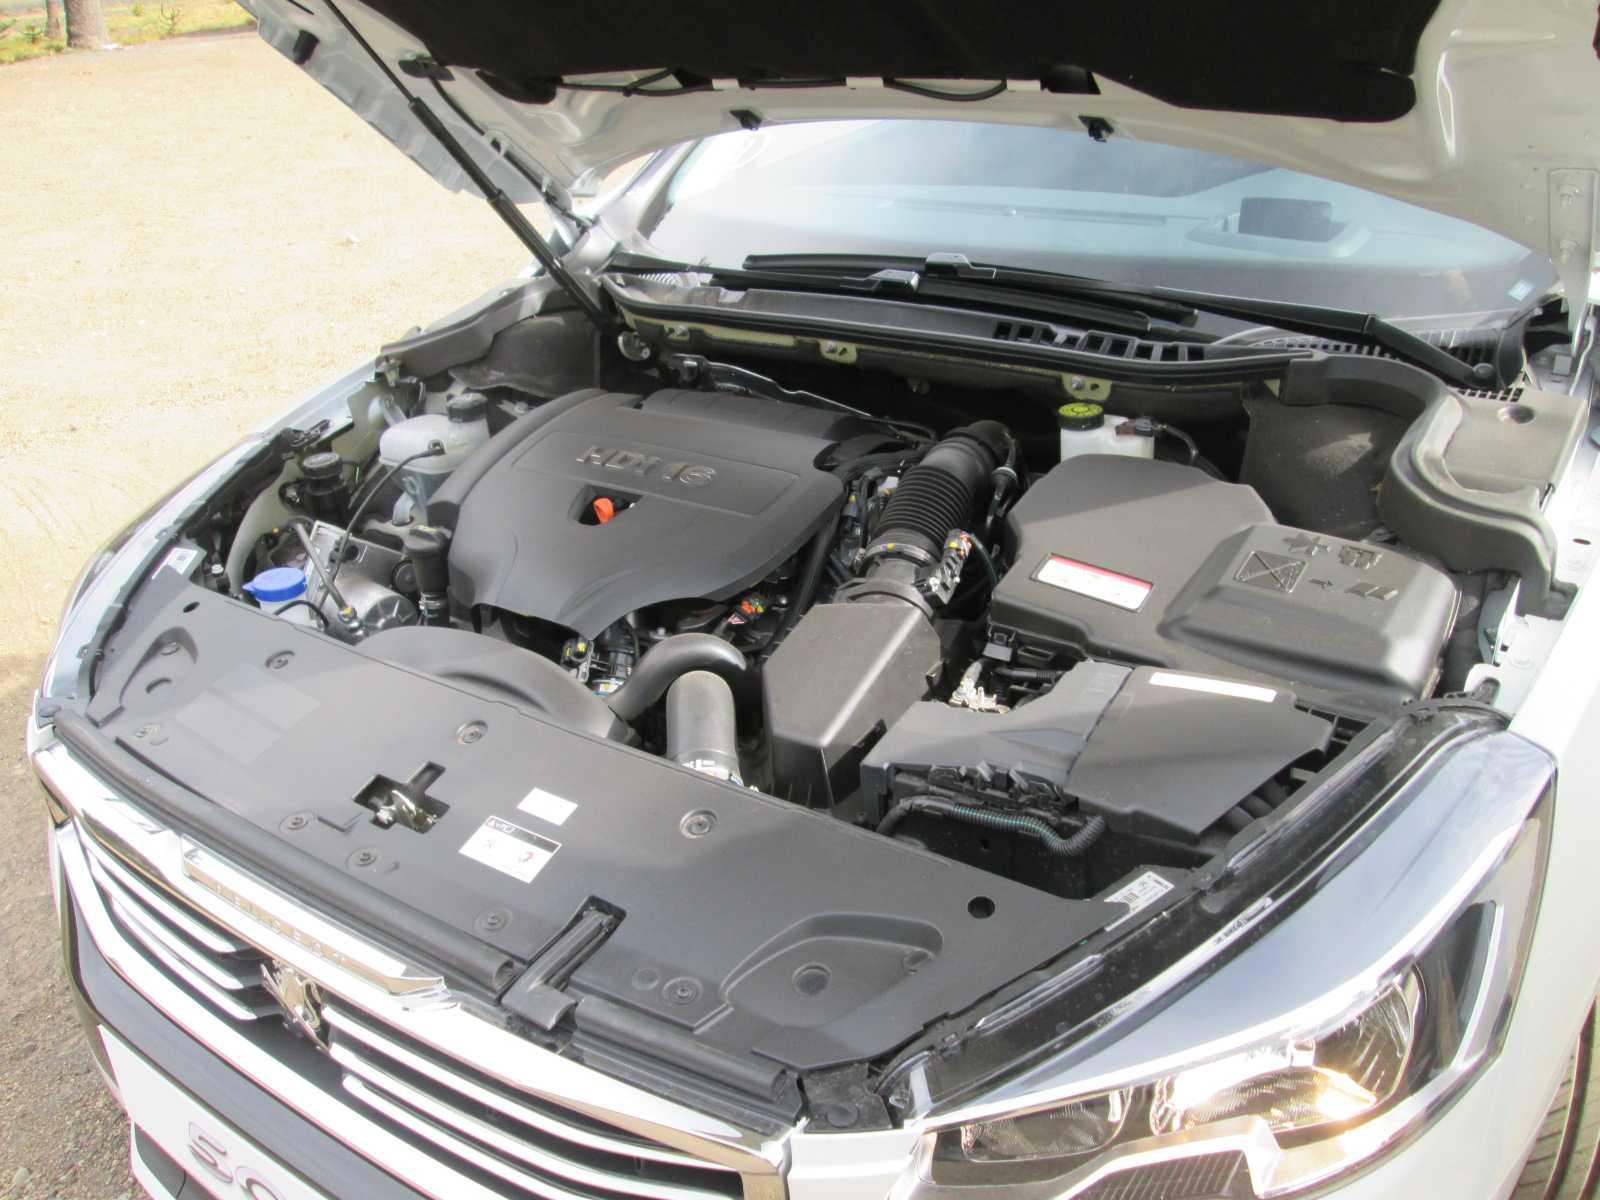 Peugeot 508 2.0L 165 CV Allure 2015 Toma de Contacto (23)